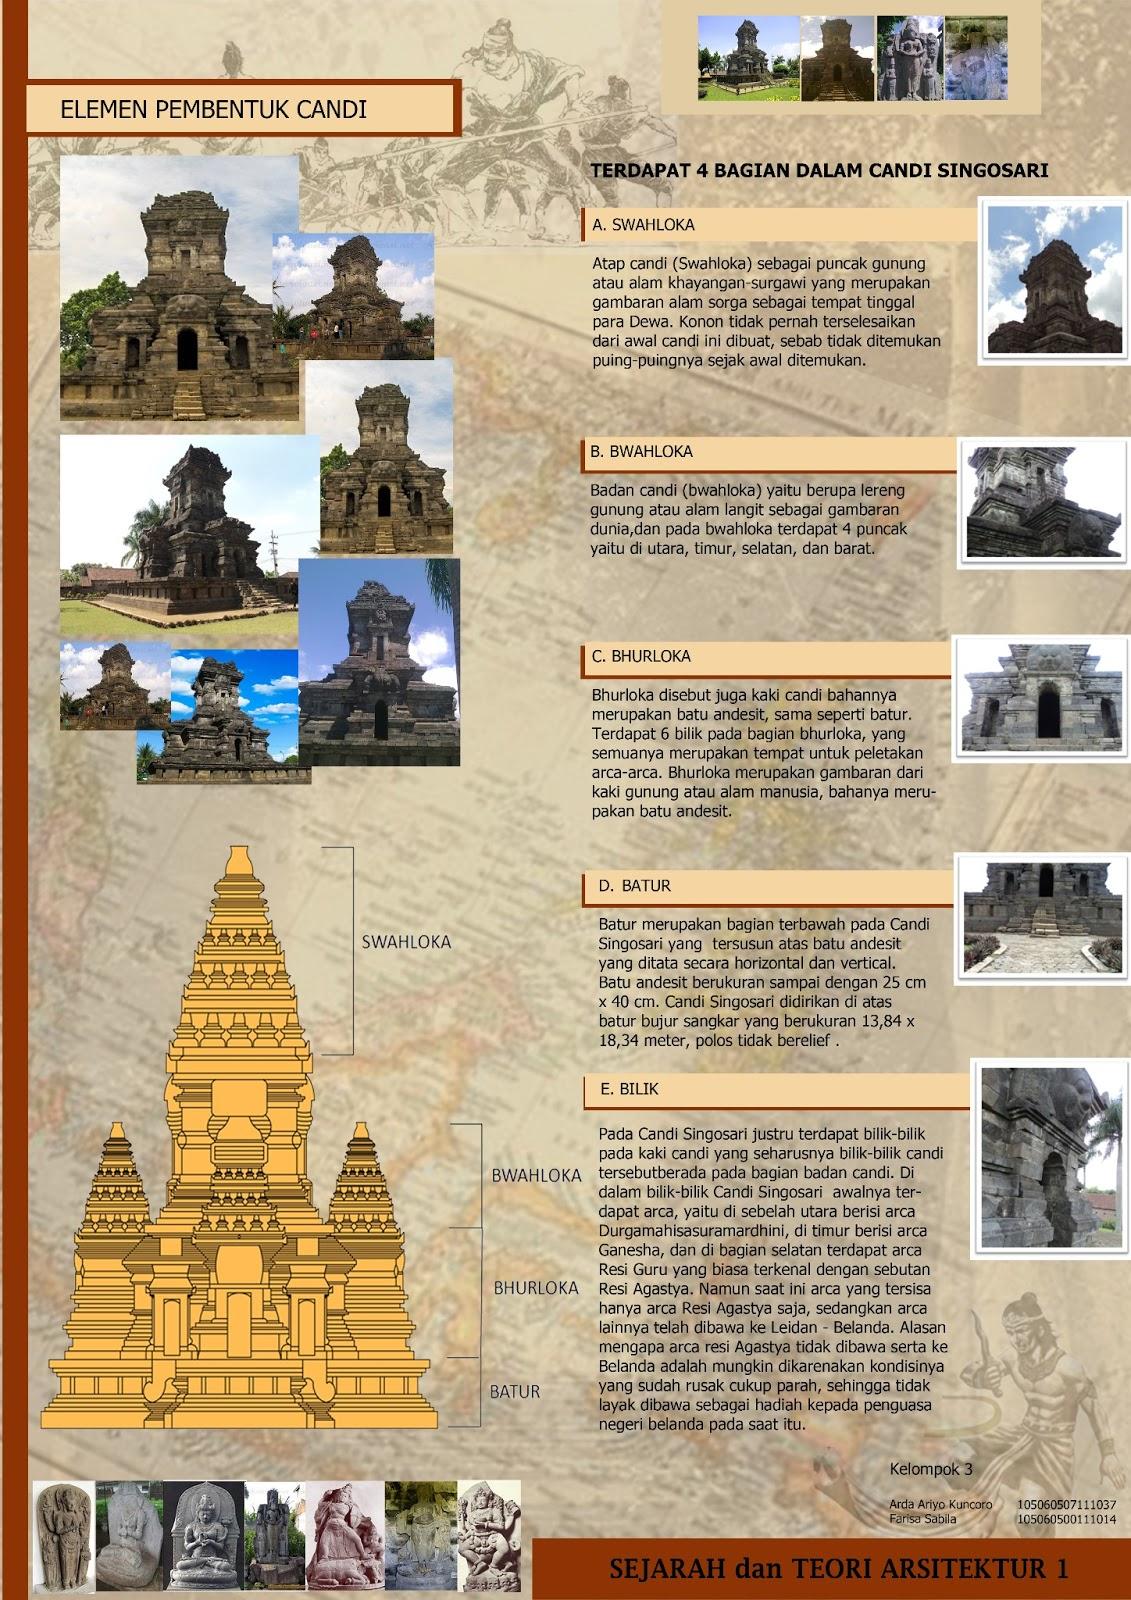 Software Desain Rumah Tugas Besar Sejarah Teori Arsitektur 1 Firman Akbar